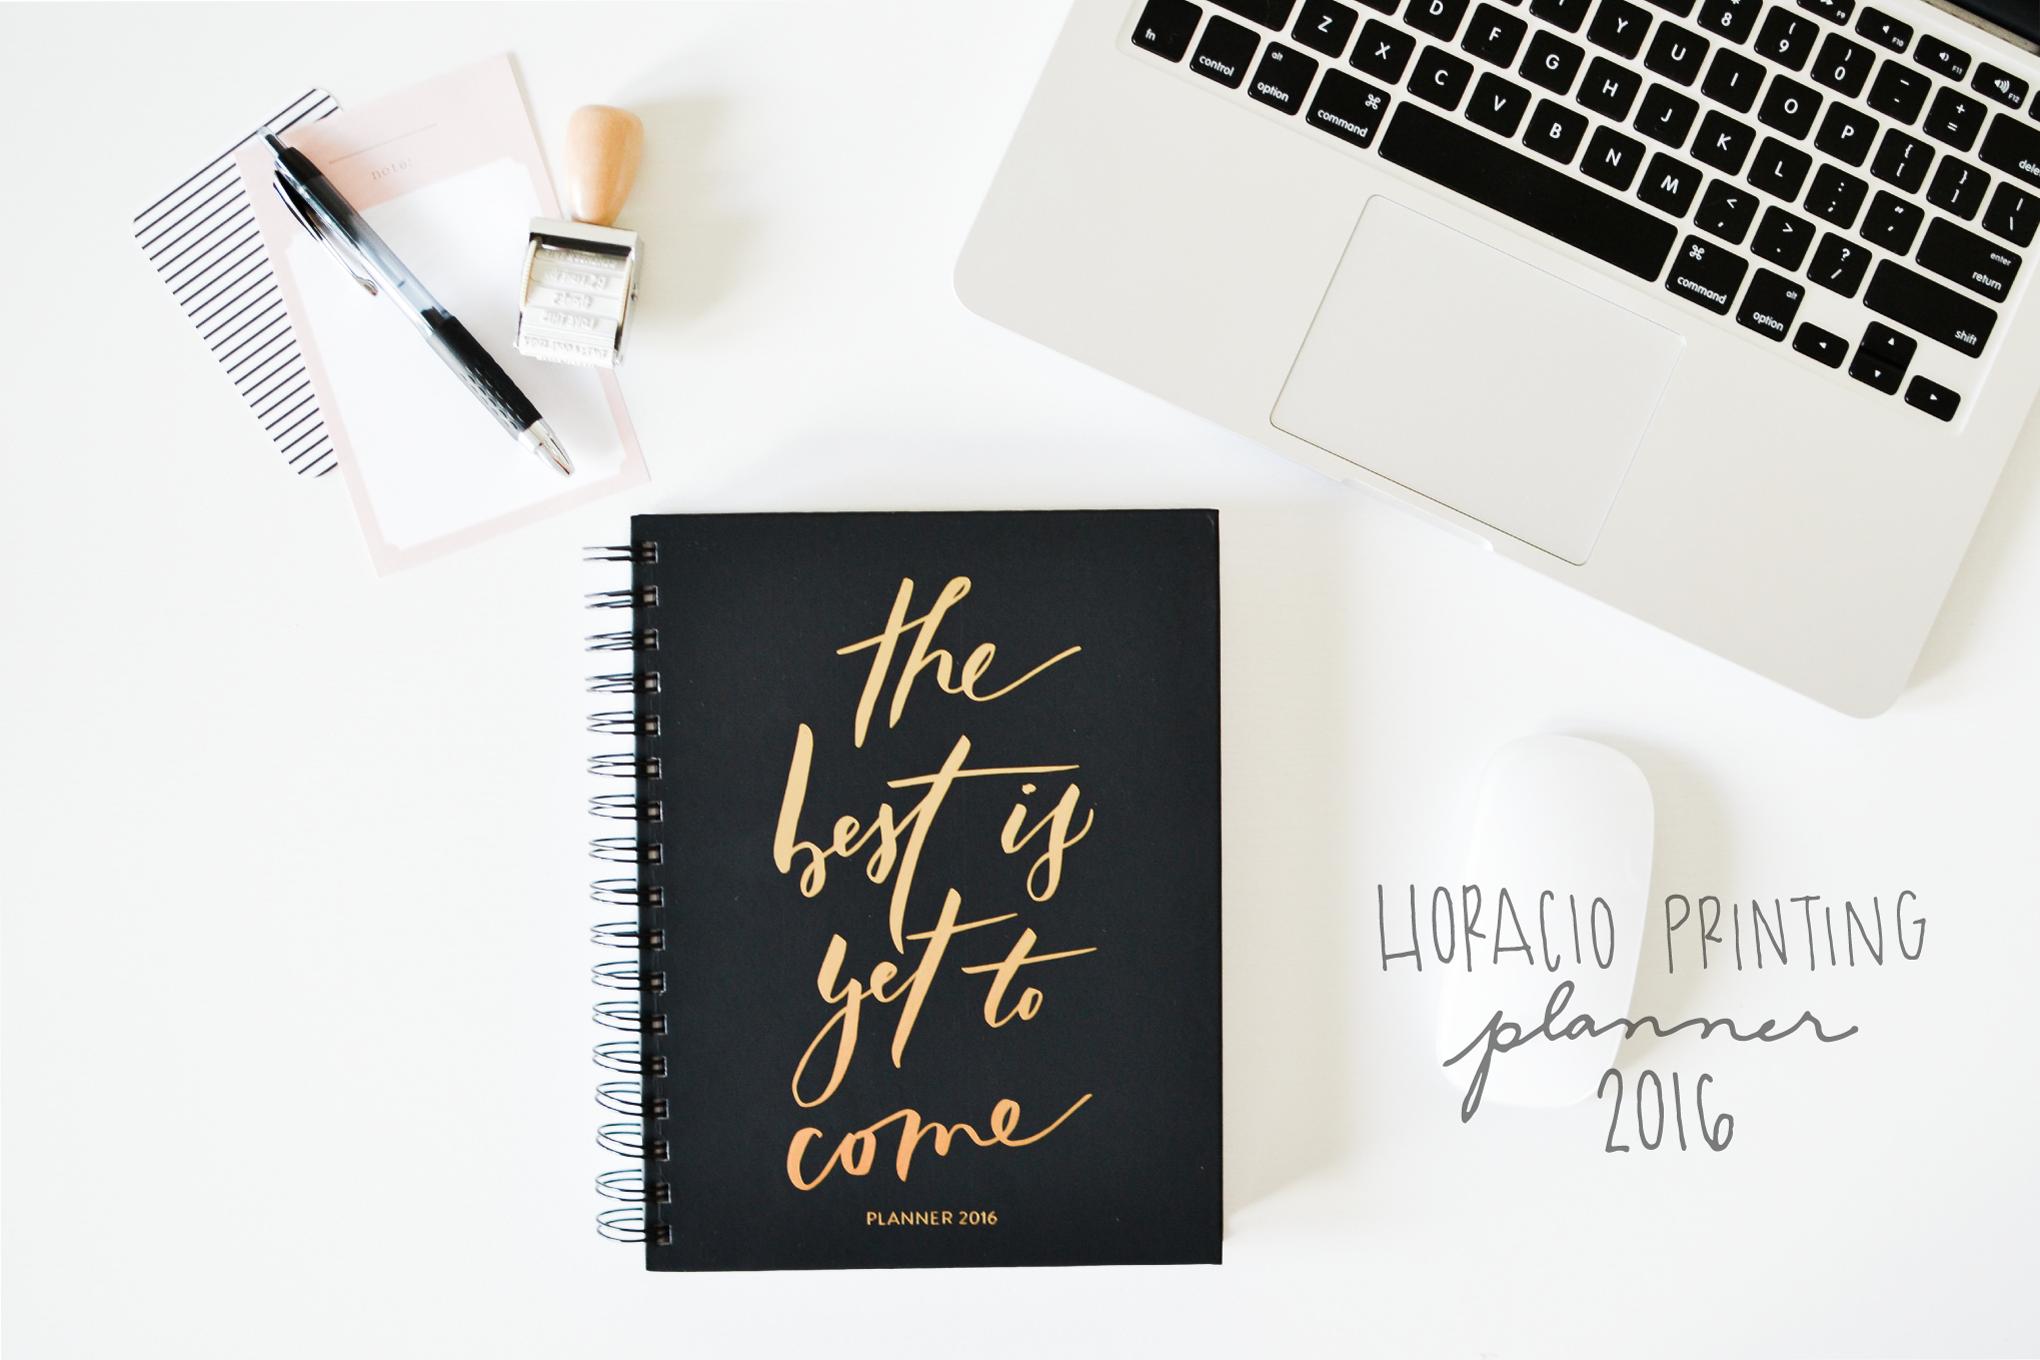 Horacio Printing Planner 2016 - Noodoso